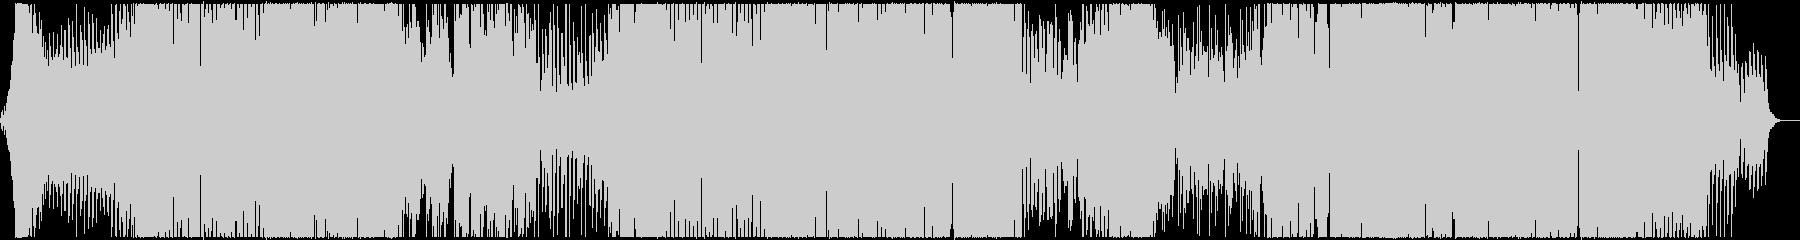 メロディックなEDM曲の未再生の波形